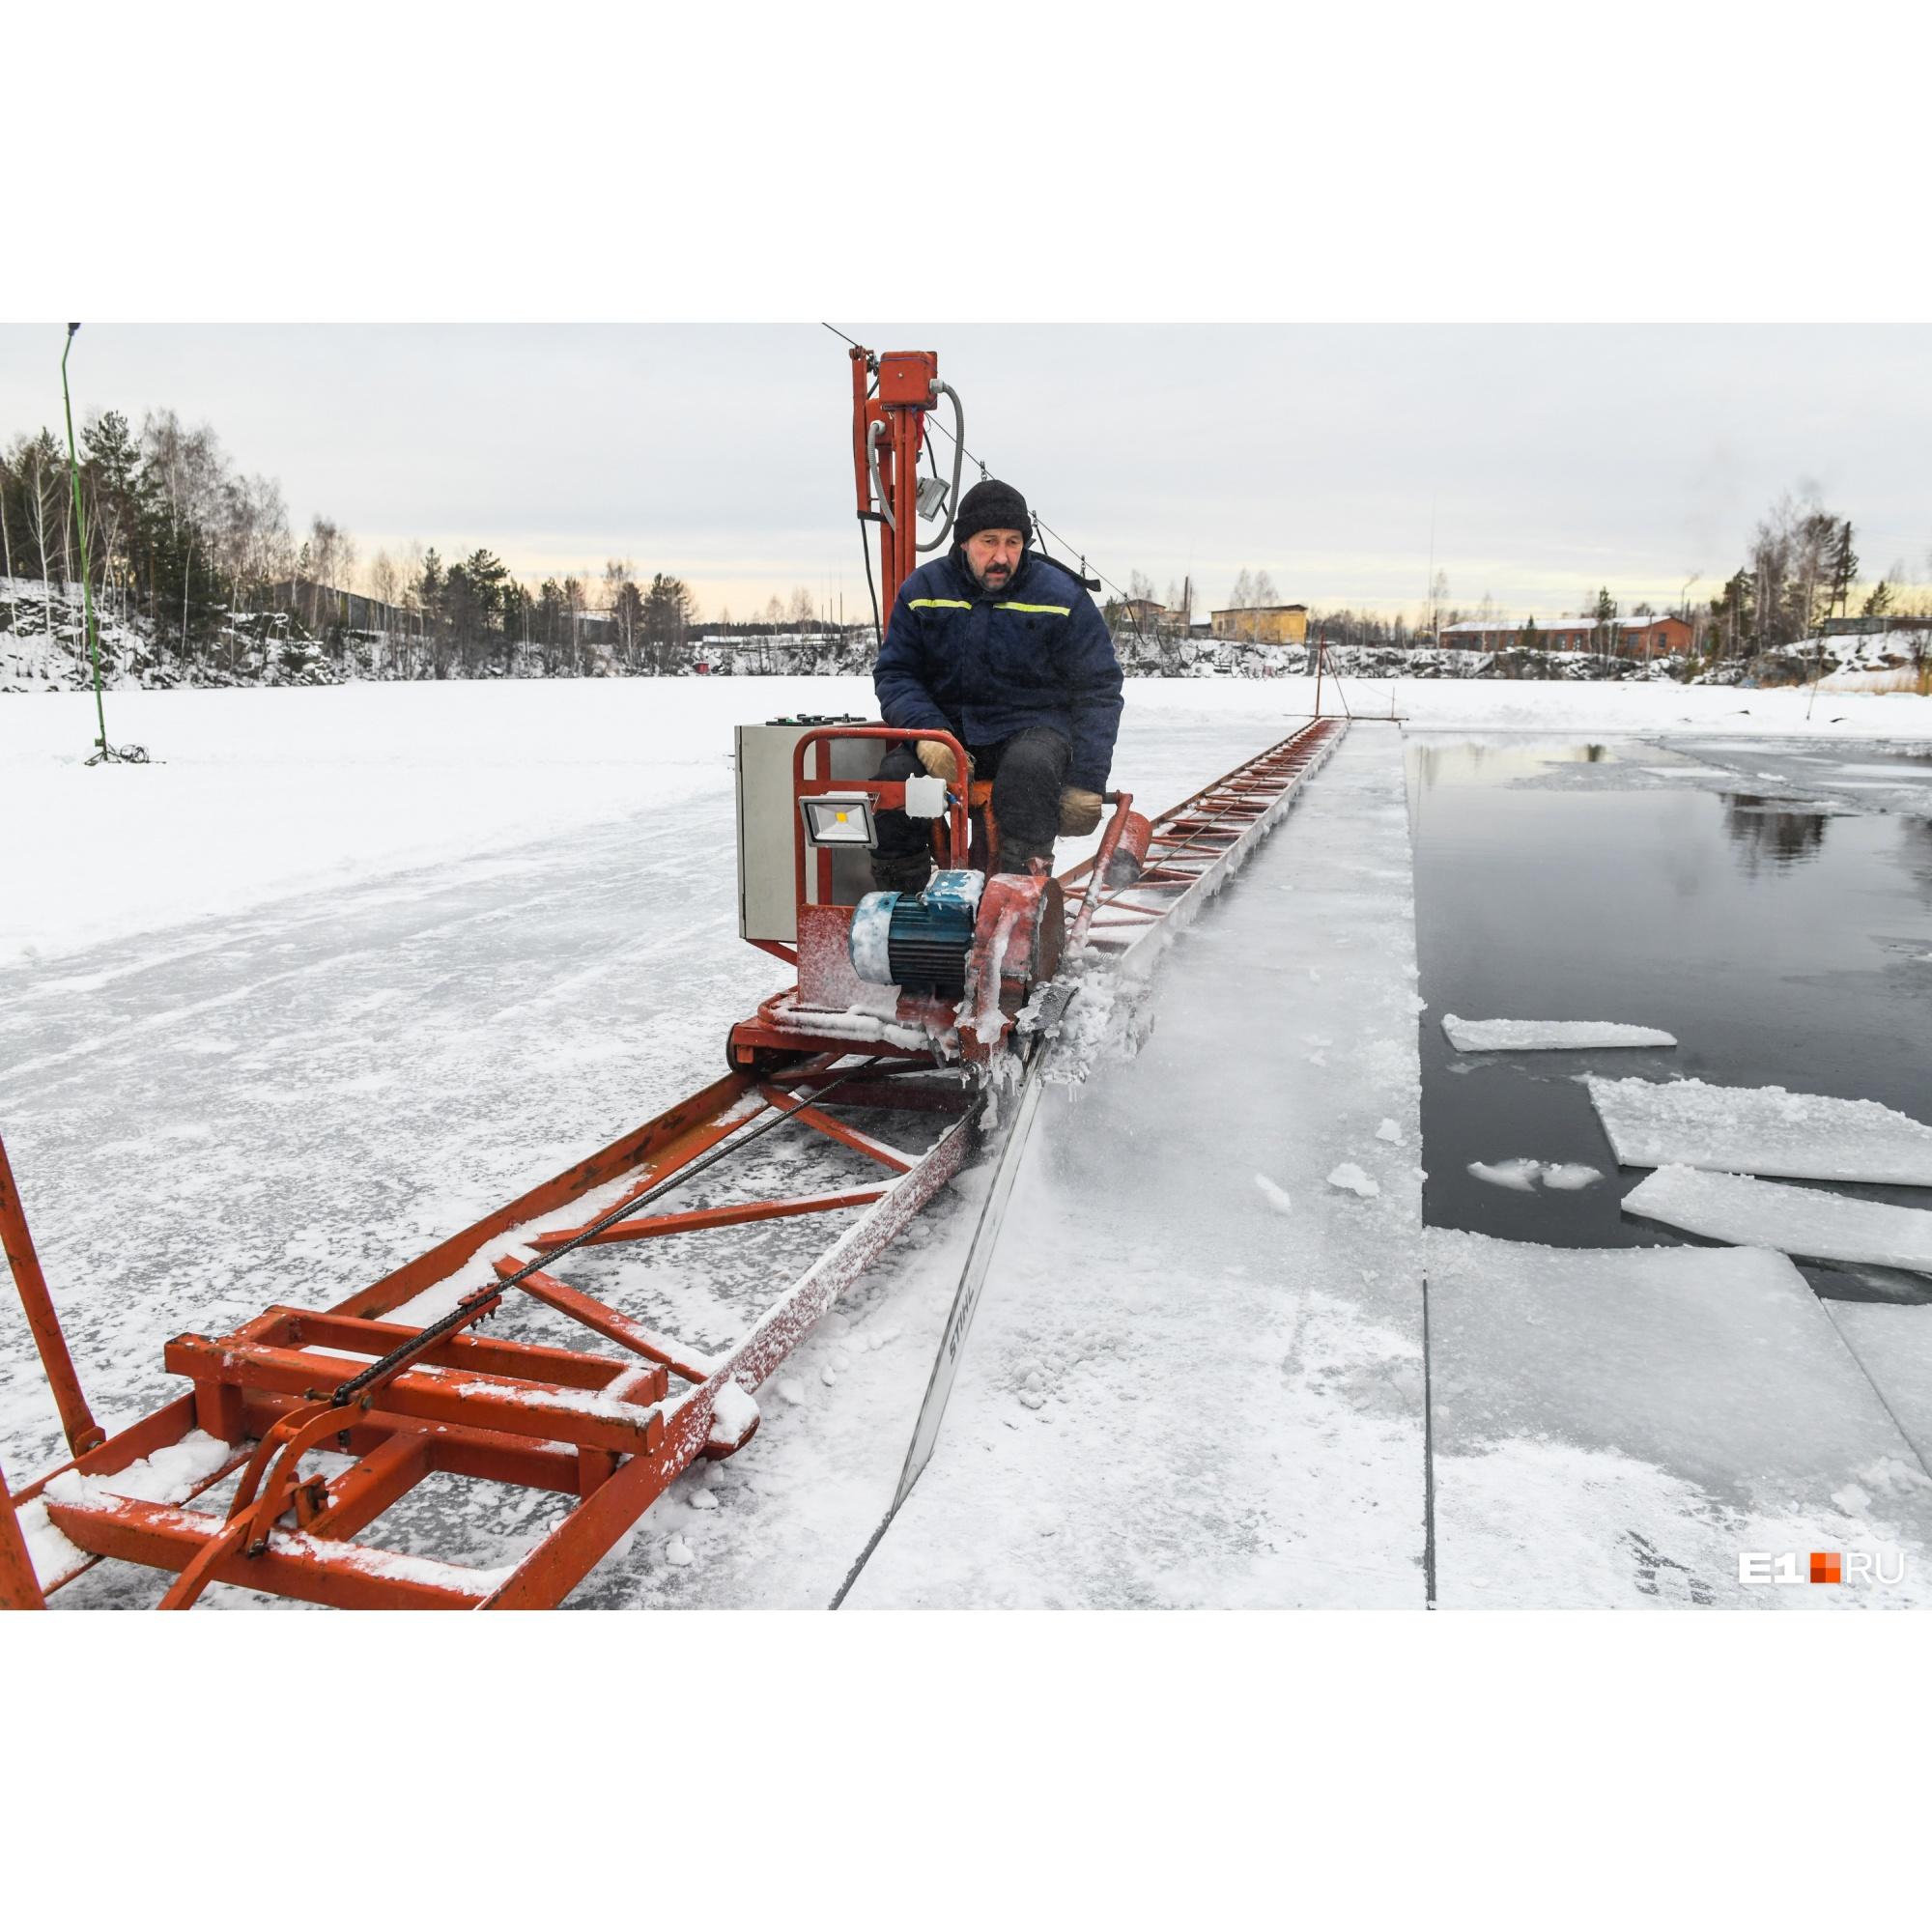 При заготовке льда по поверхности пруда сначала проходит специальная пила